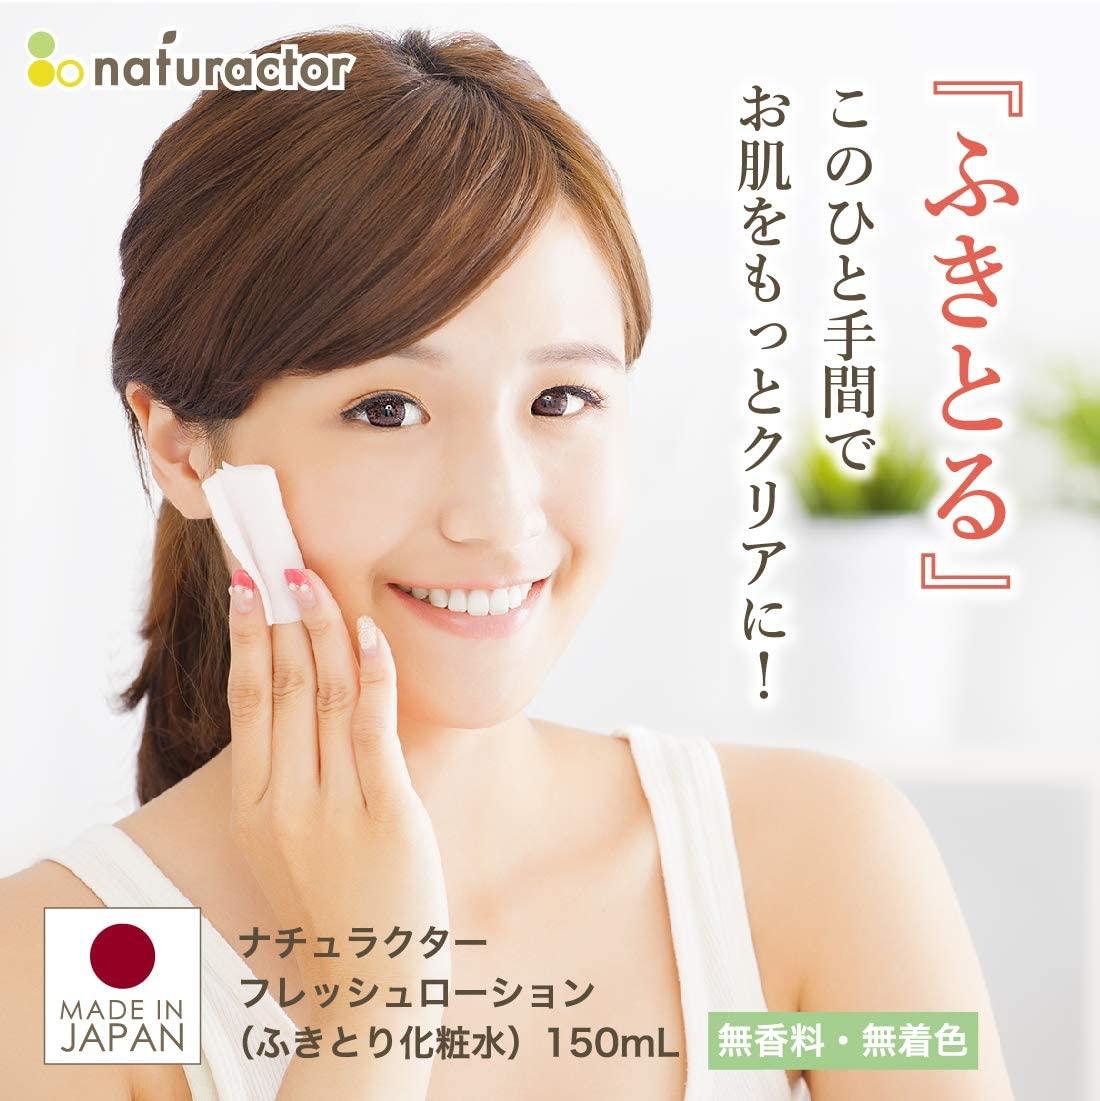 メイコー化粧品(MEIKO) ナチュラクター フレッシュローションの商品画像2